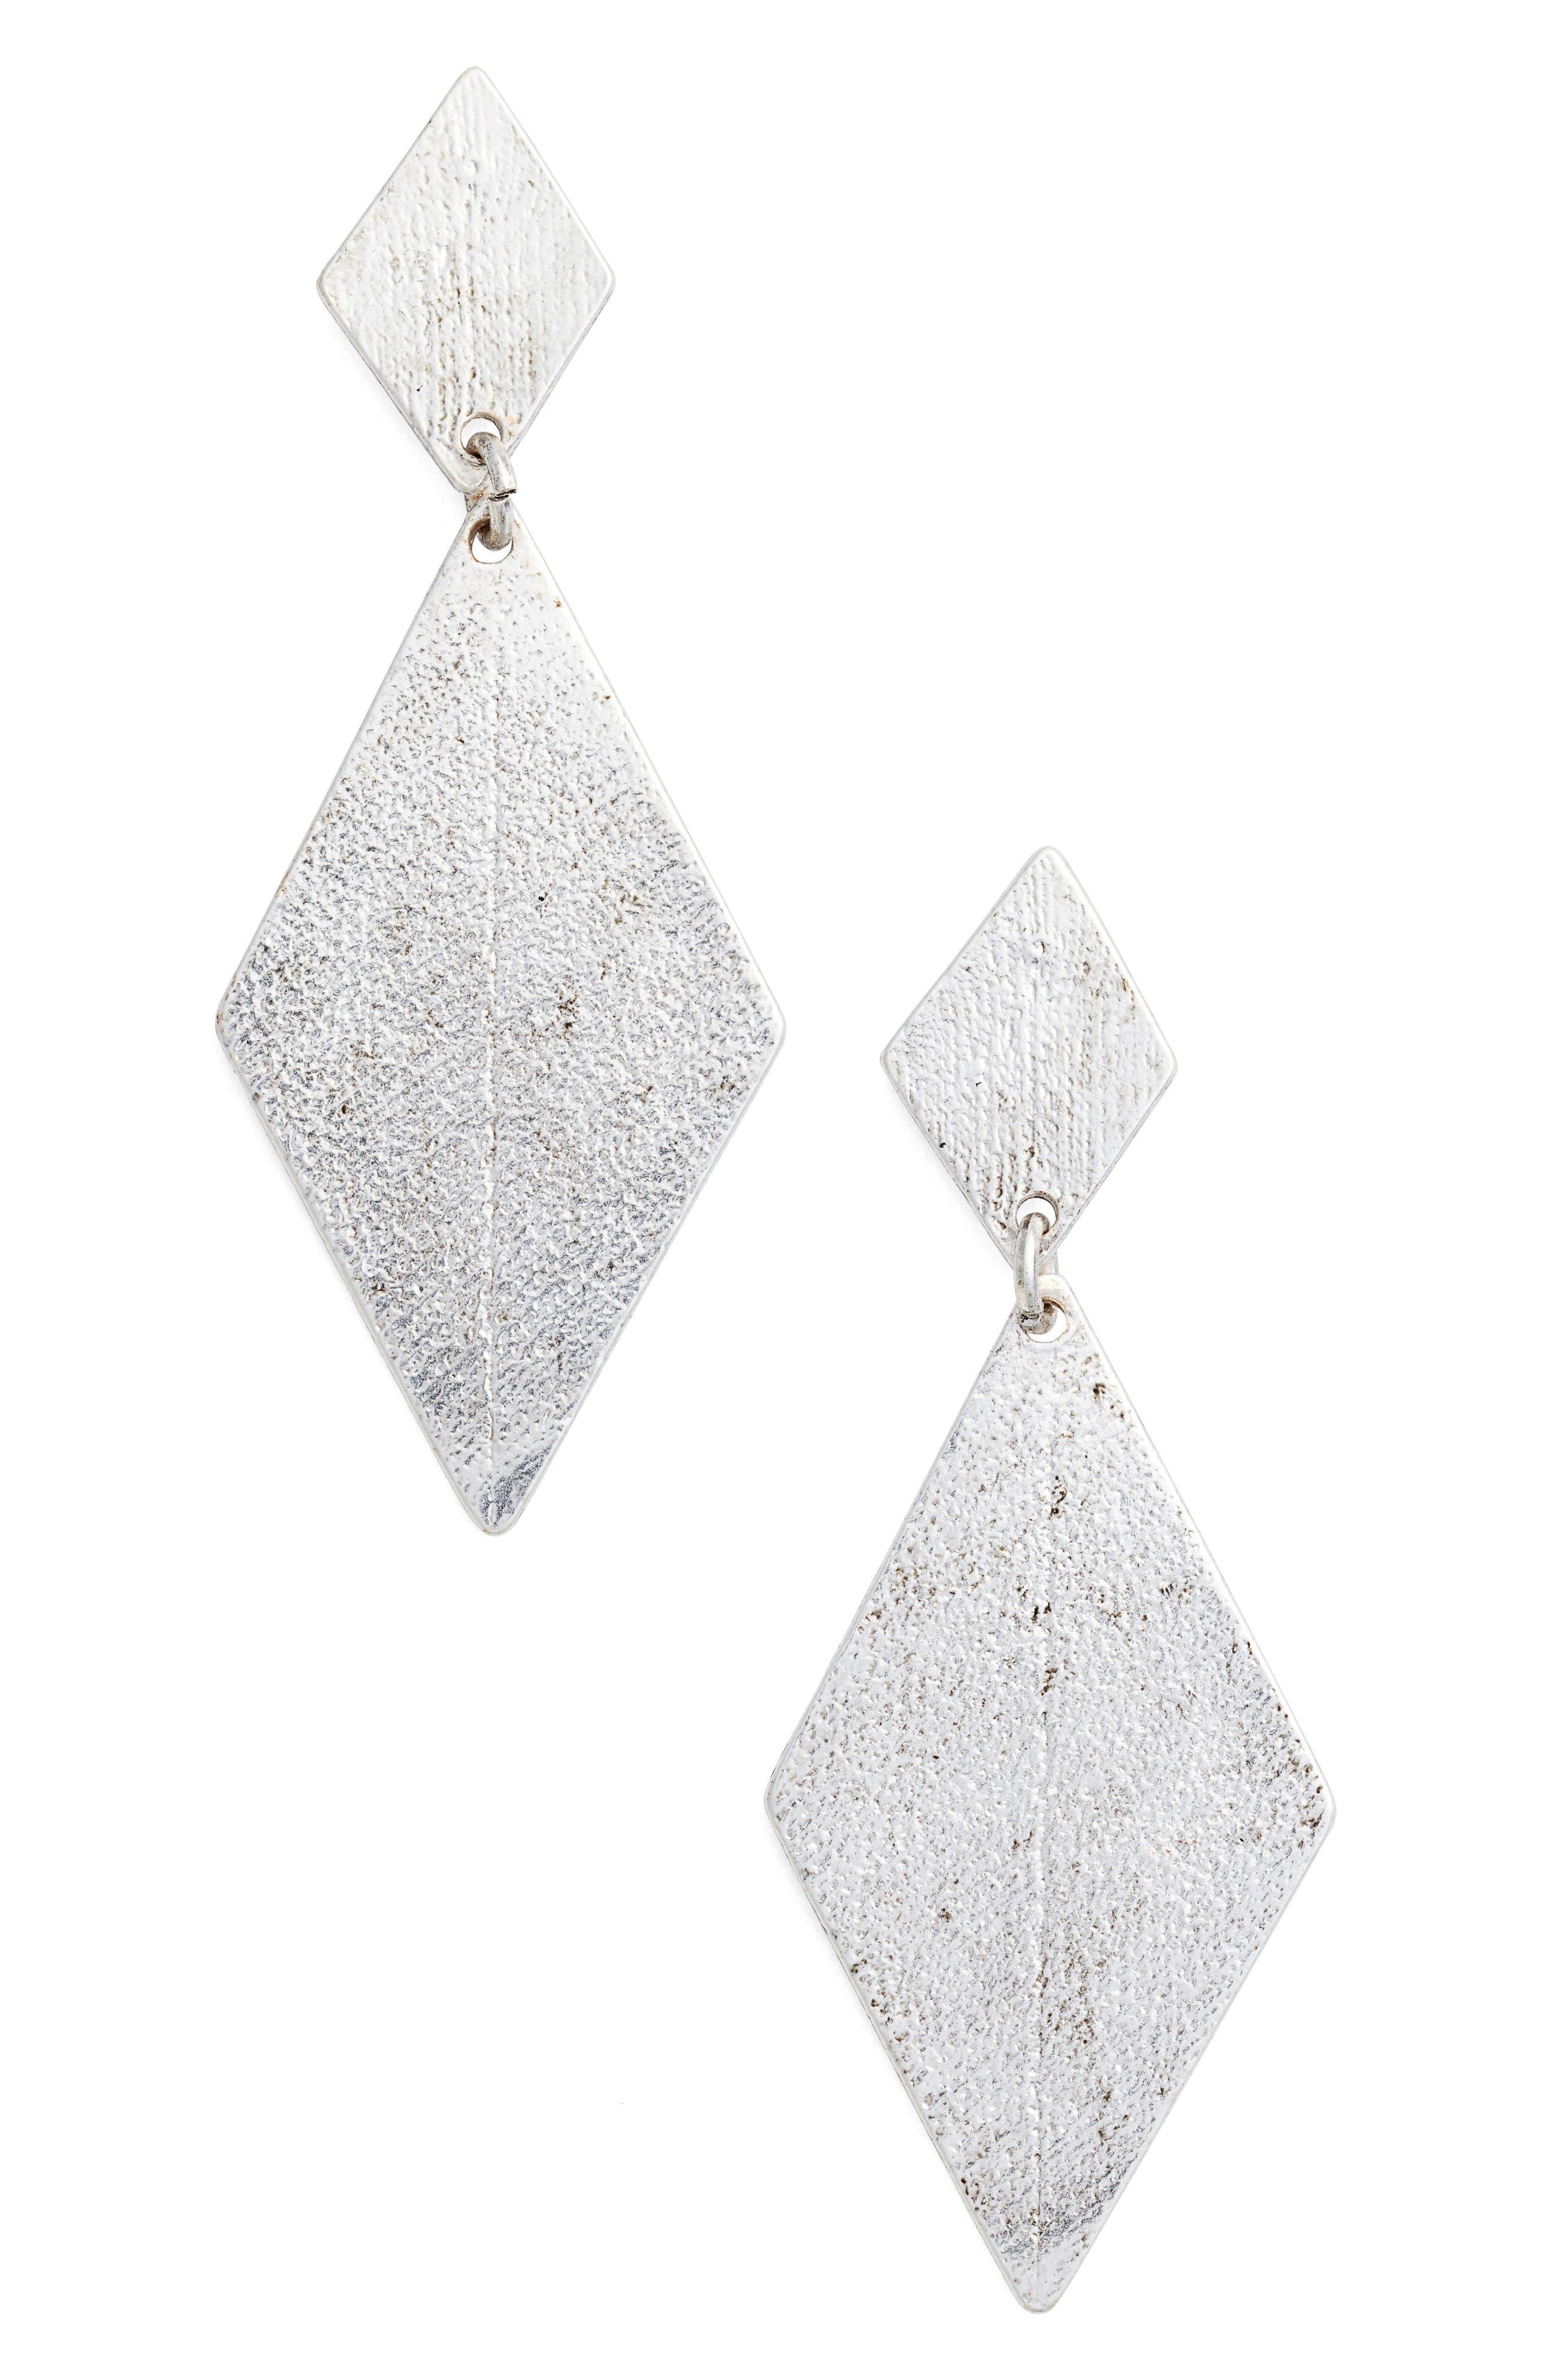 Main Image - Karine Sultan Kite Earrings